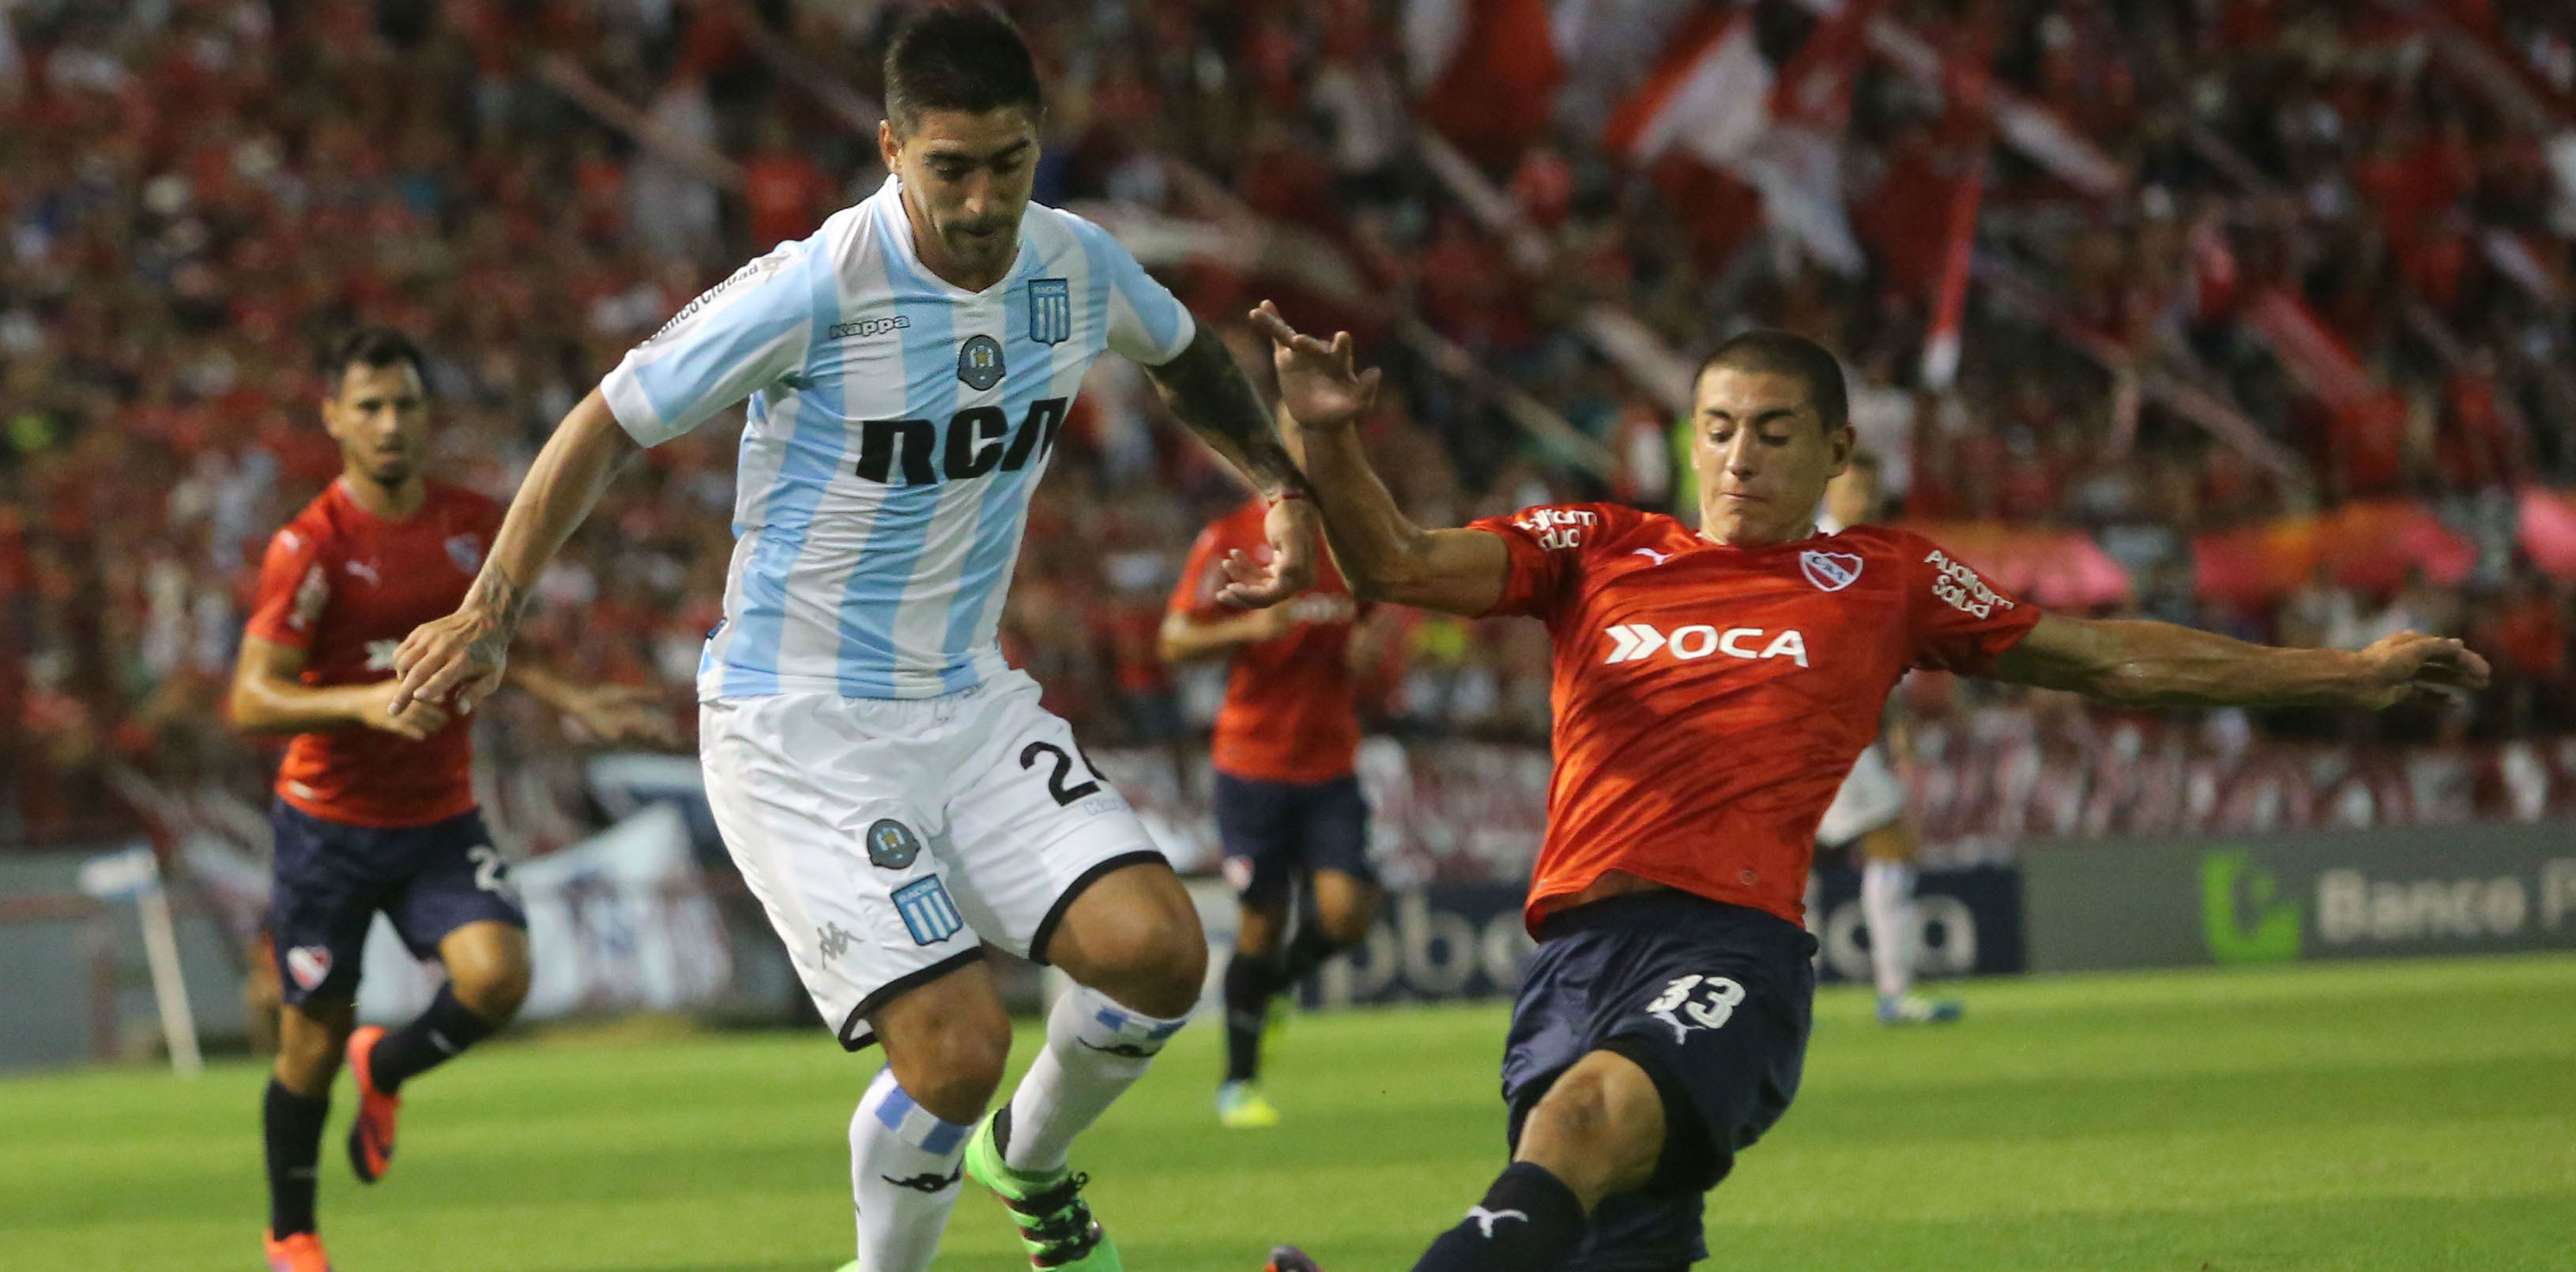 Racing Independiente Mar del Plata 30012017